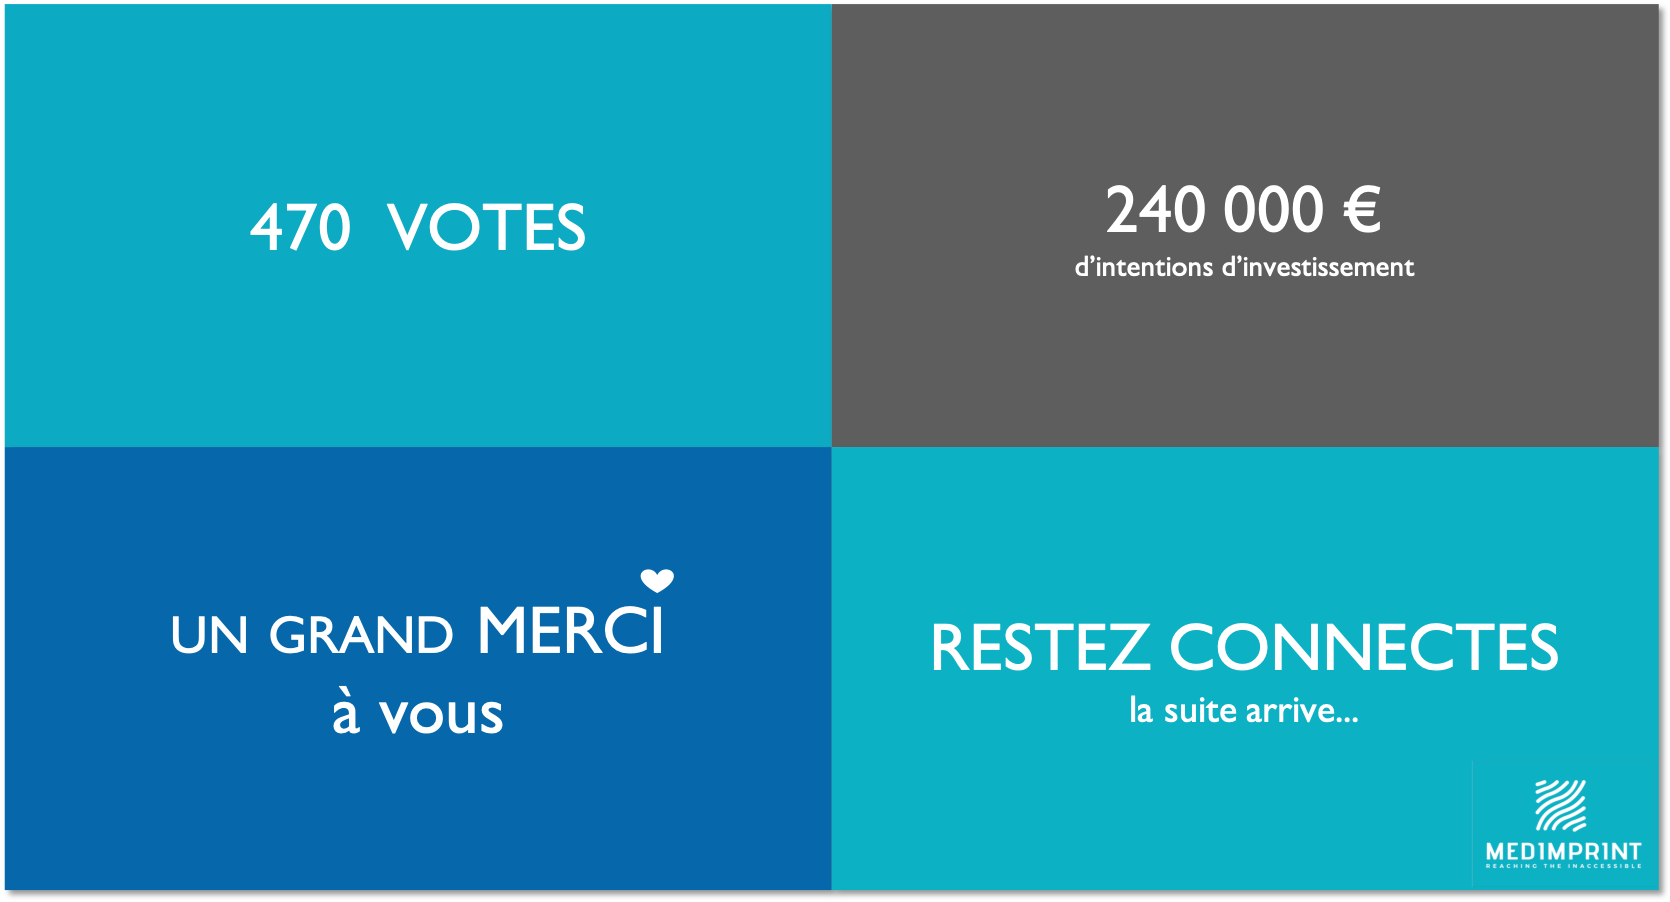 Objectif atteint pour la 1e phase de notre campagne de crowdfunding sur Wiseed.🏆